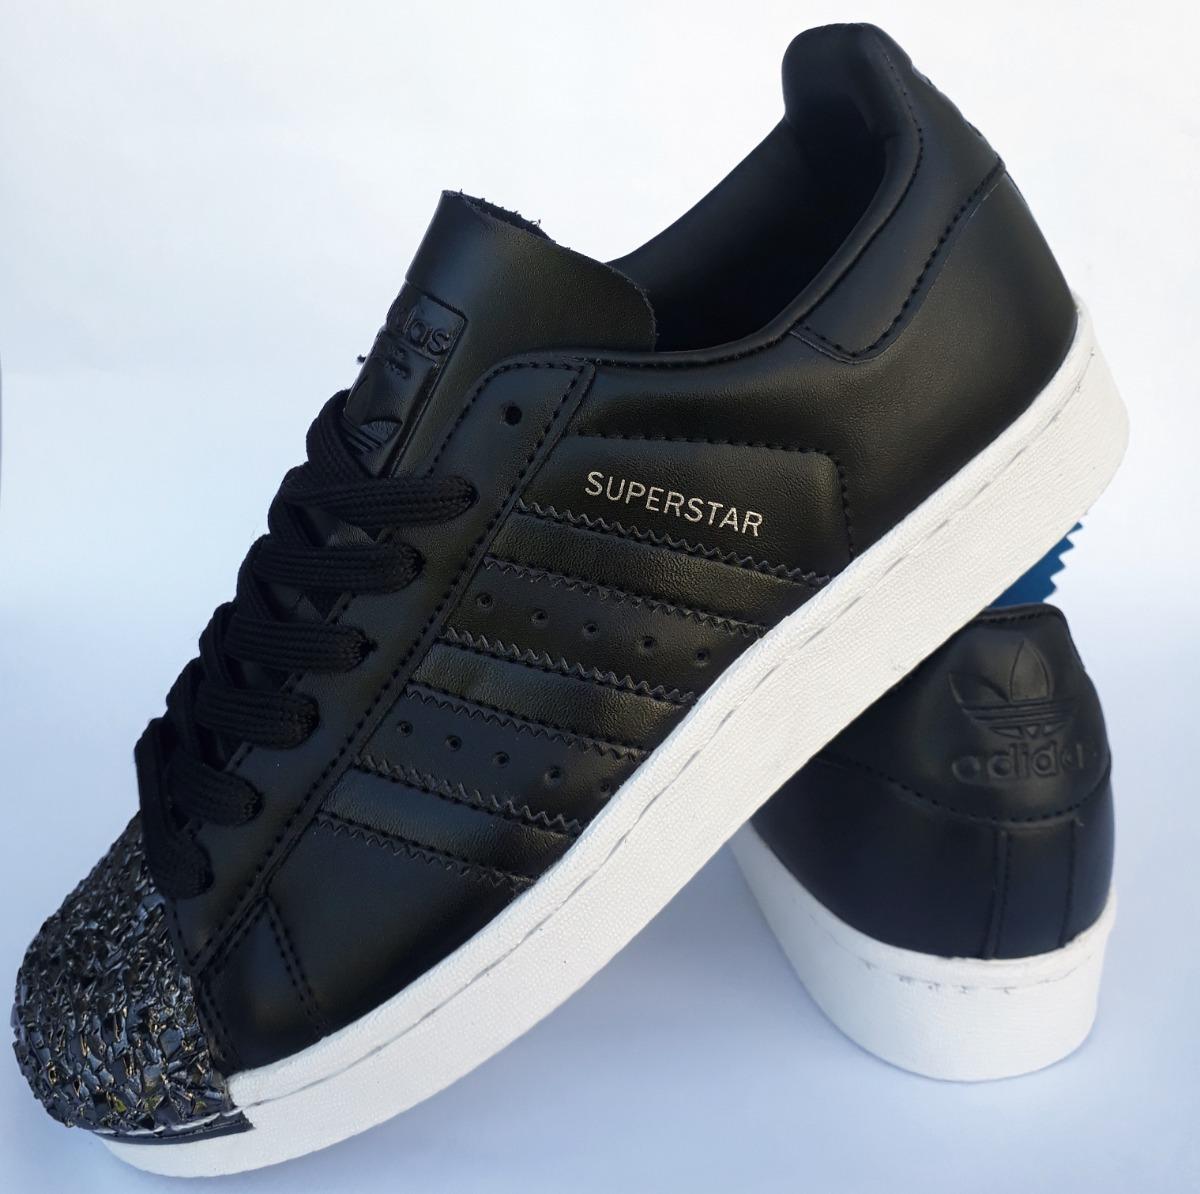 Zapatillas Adidas Superstar Talles 34 Al 39 Comprá en San Juan